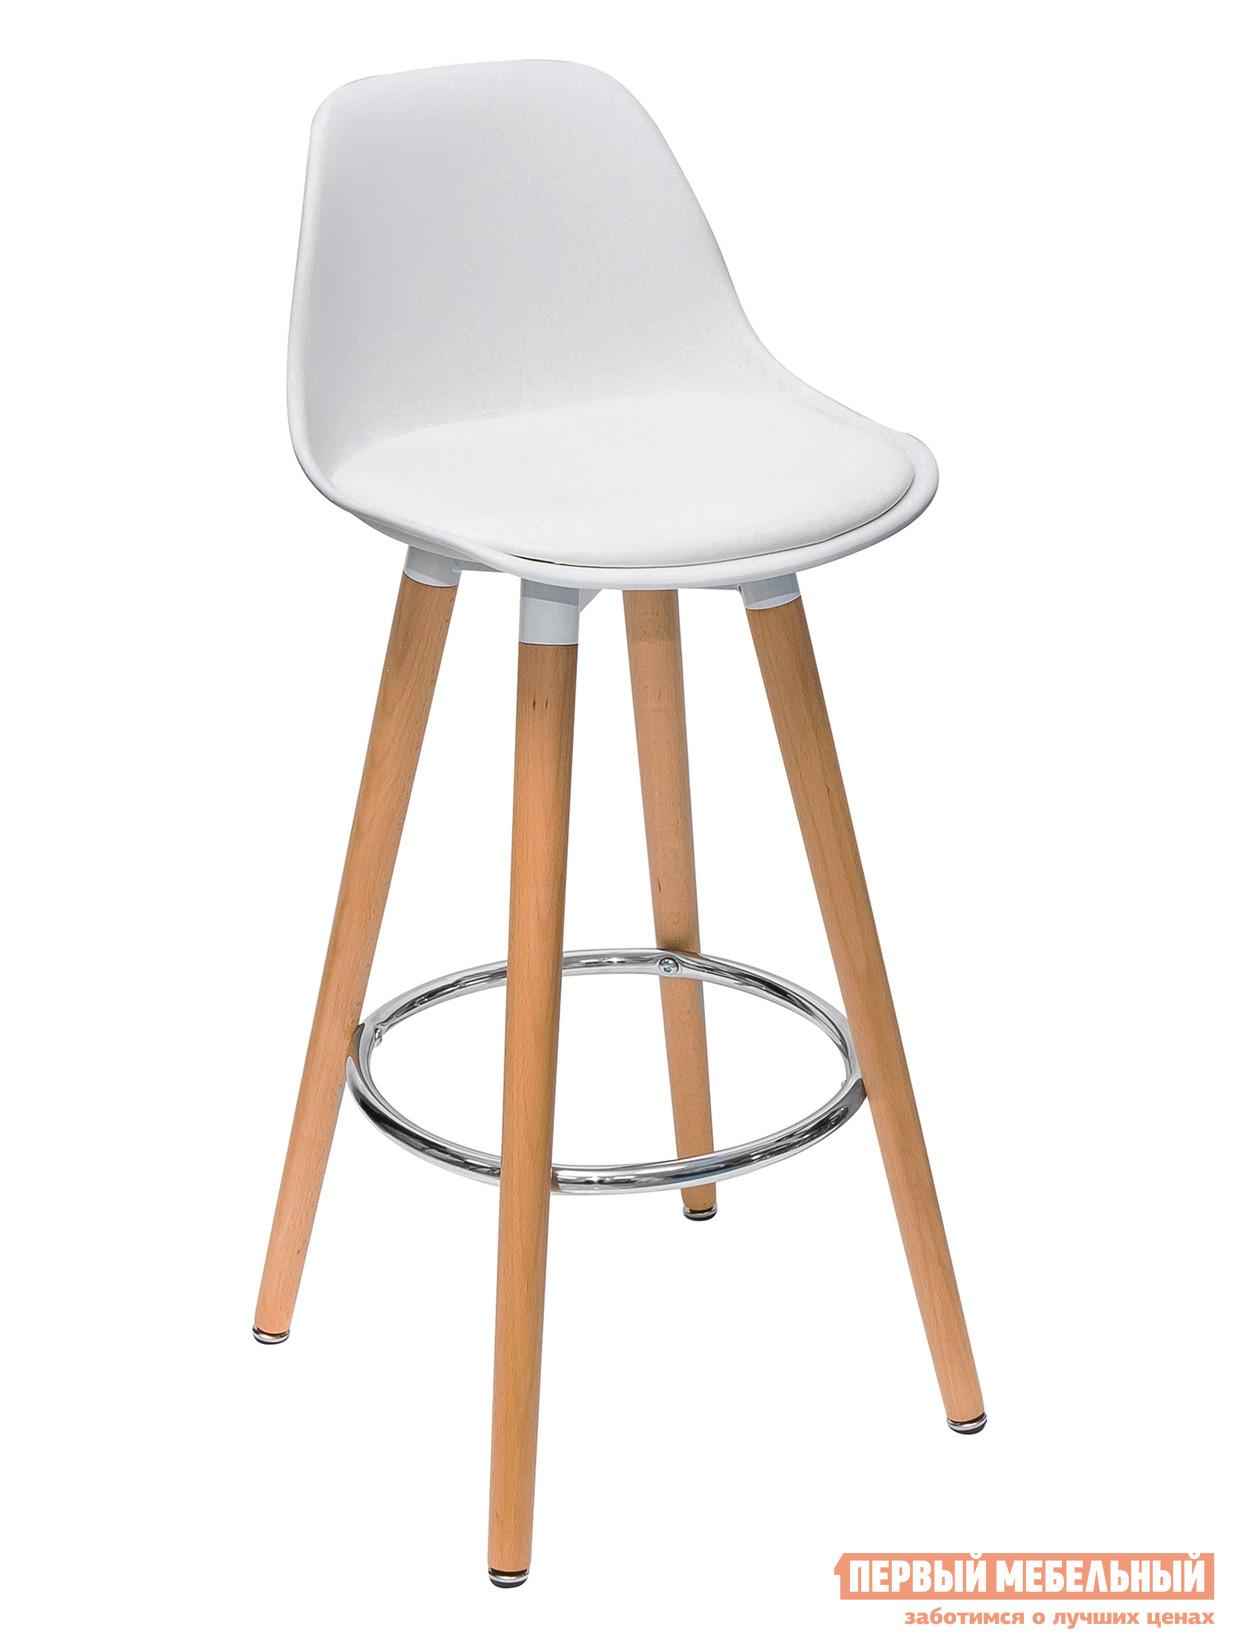 Барный стул Stool Group Стул барный Мартин барный стул ломоносов